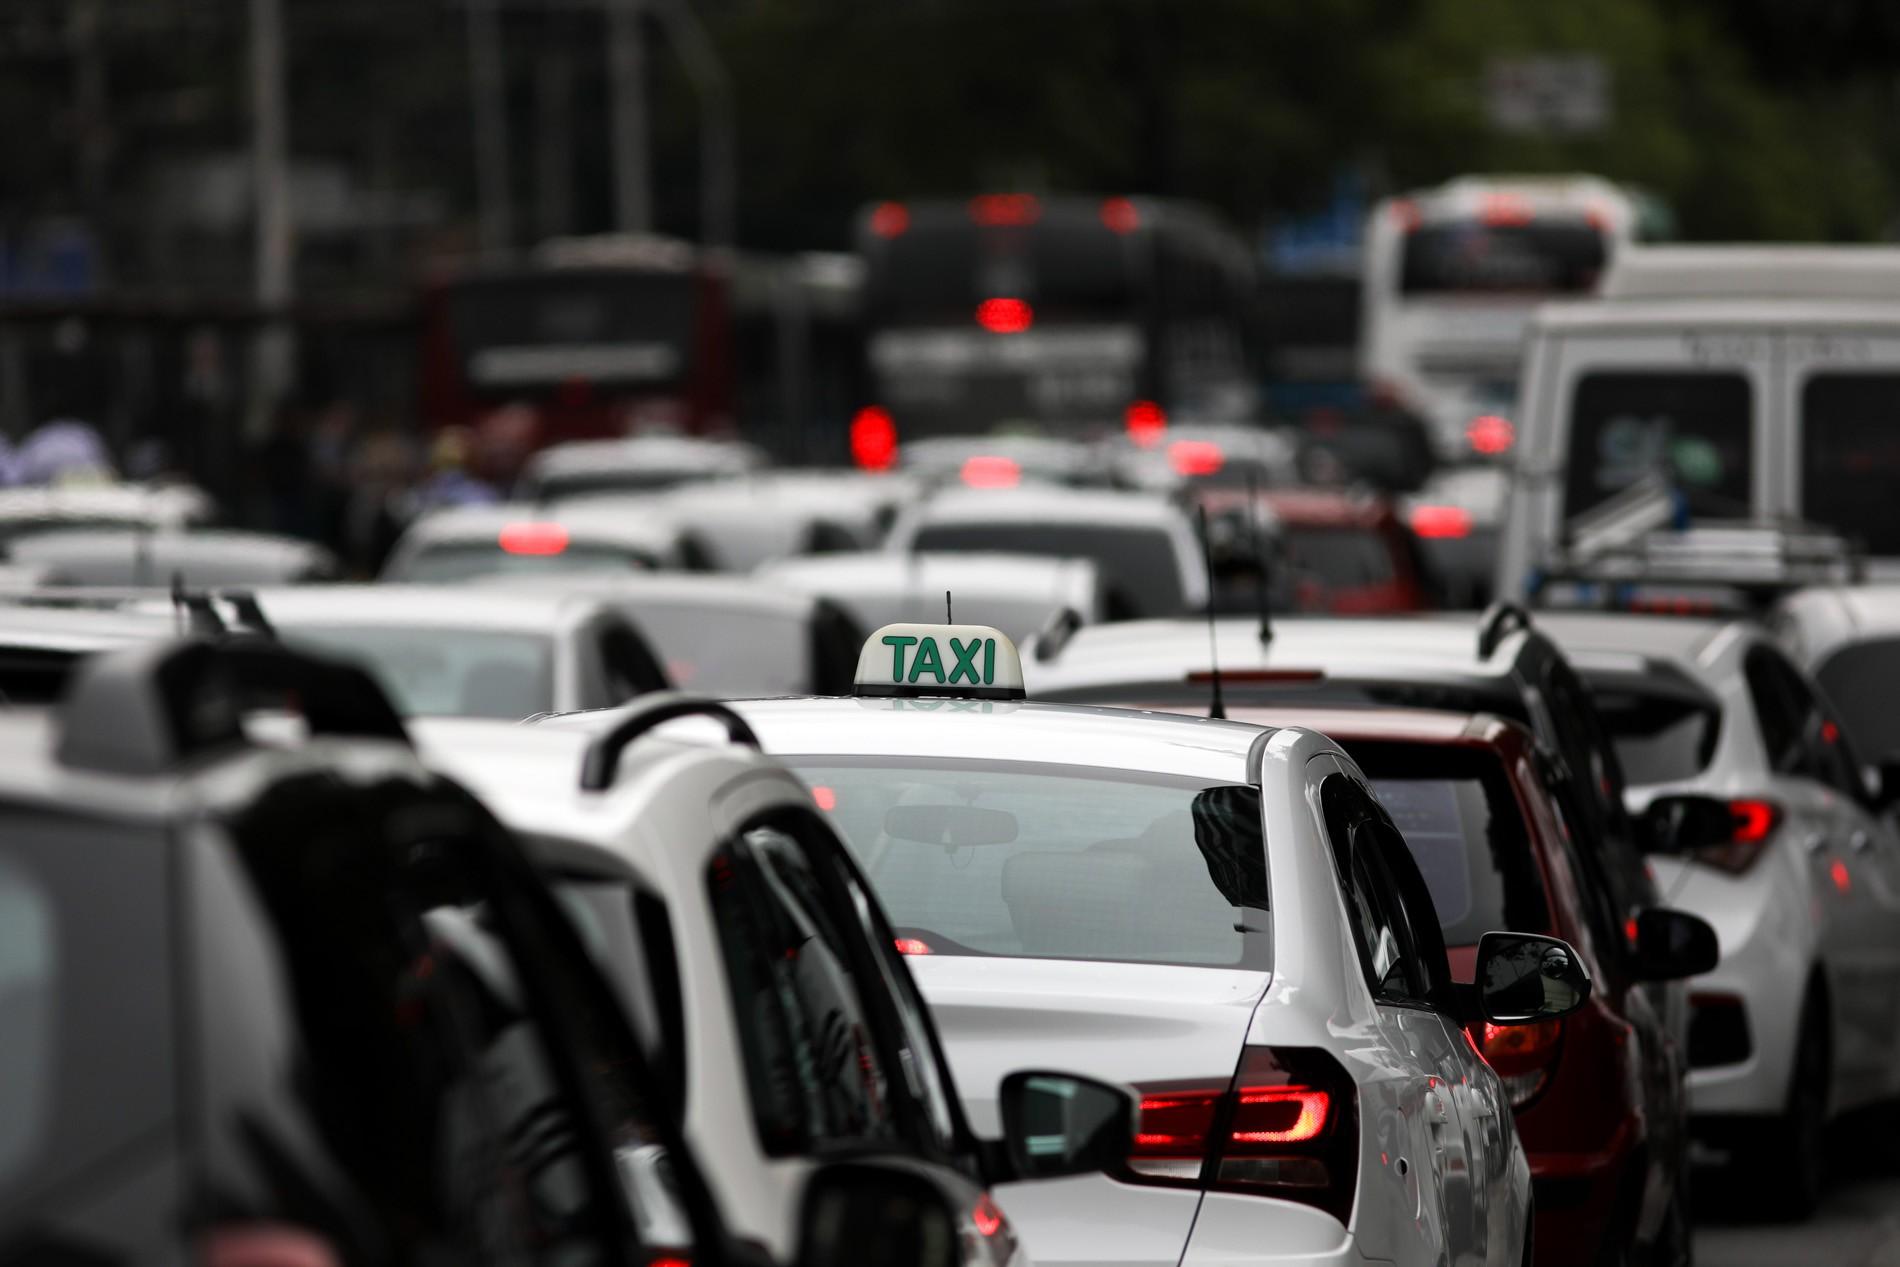 Prefeitura de SP prorroga vencimento do alvará dos taxistas por um ano e sem custos